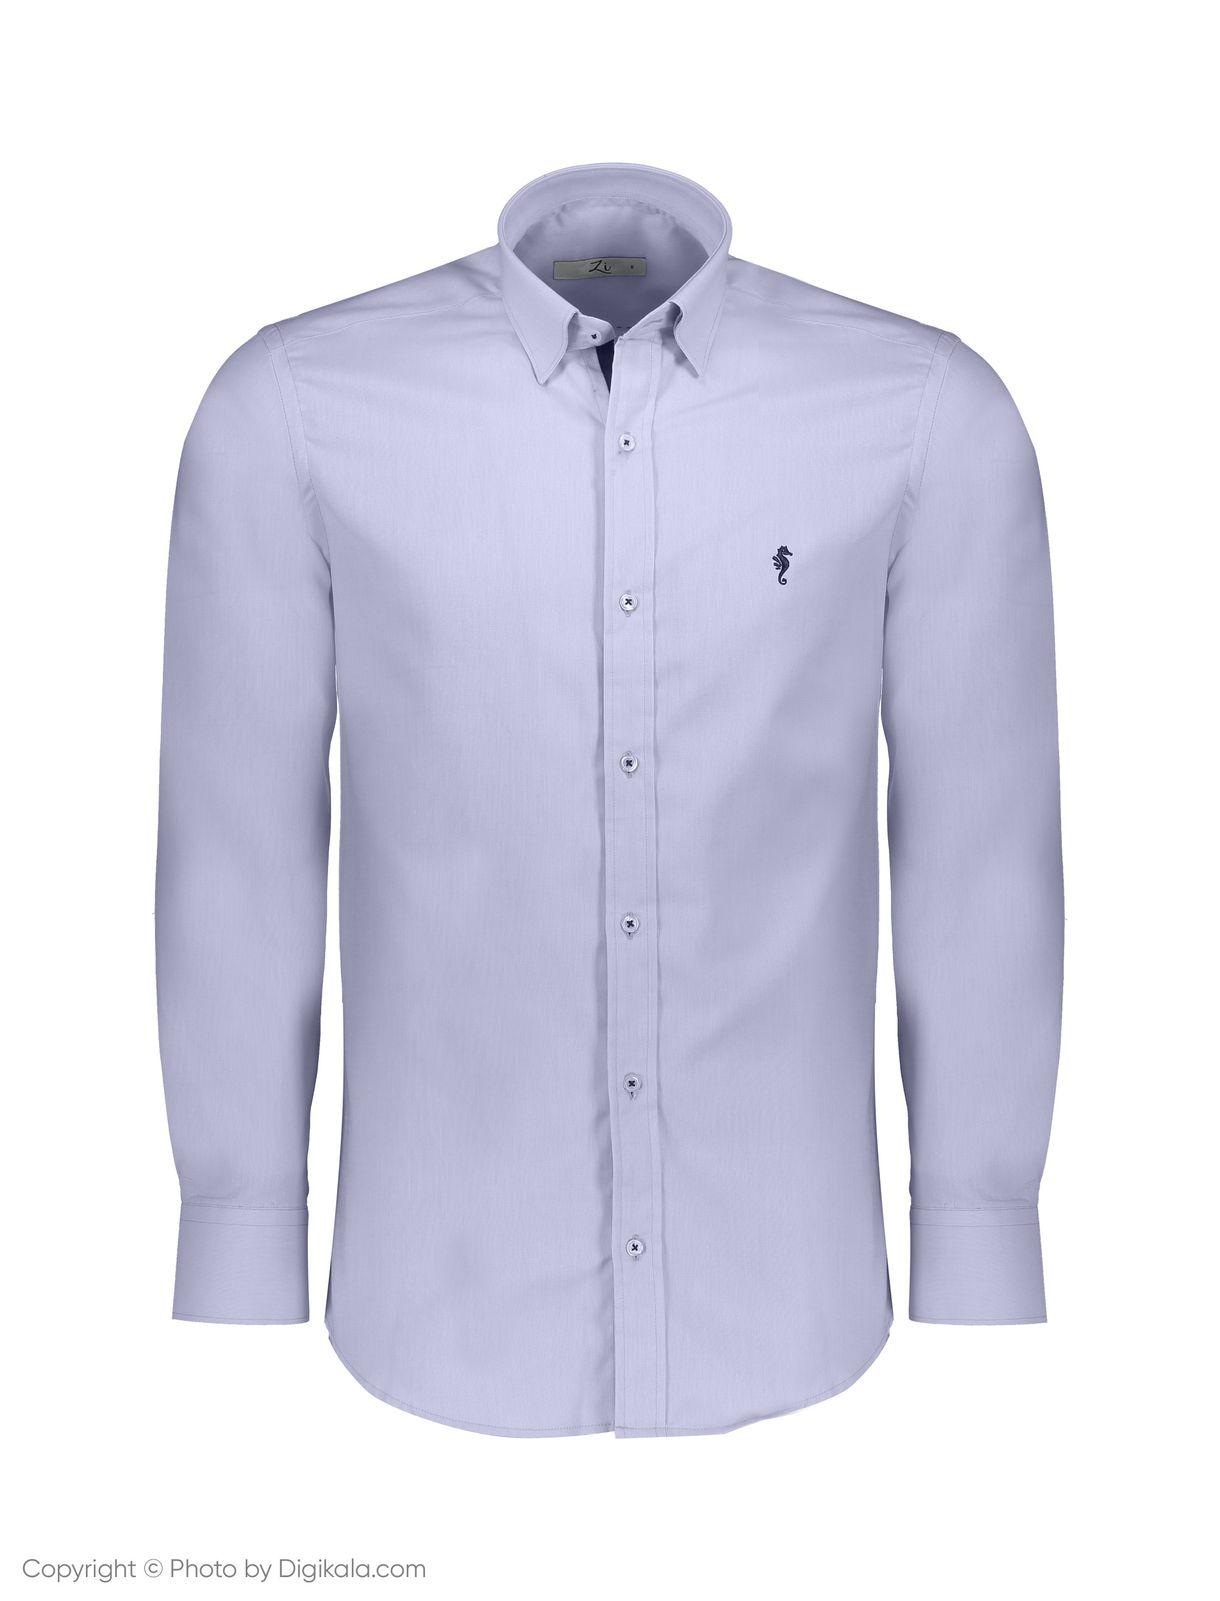 پیراهن مردانه زی مدل 1531124-51  Zi 1531124-51 Shirt For Men